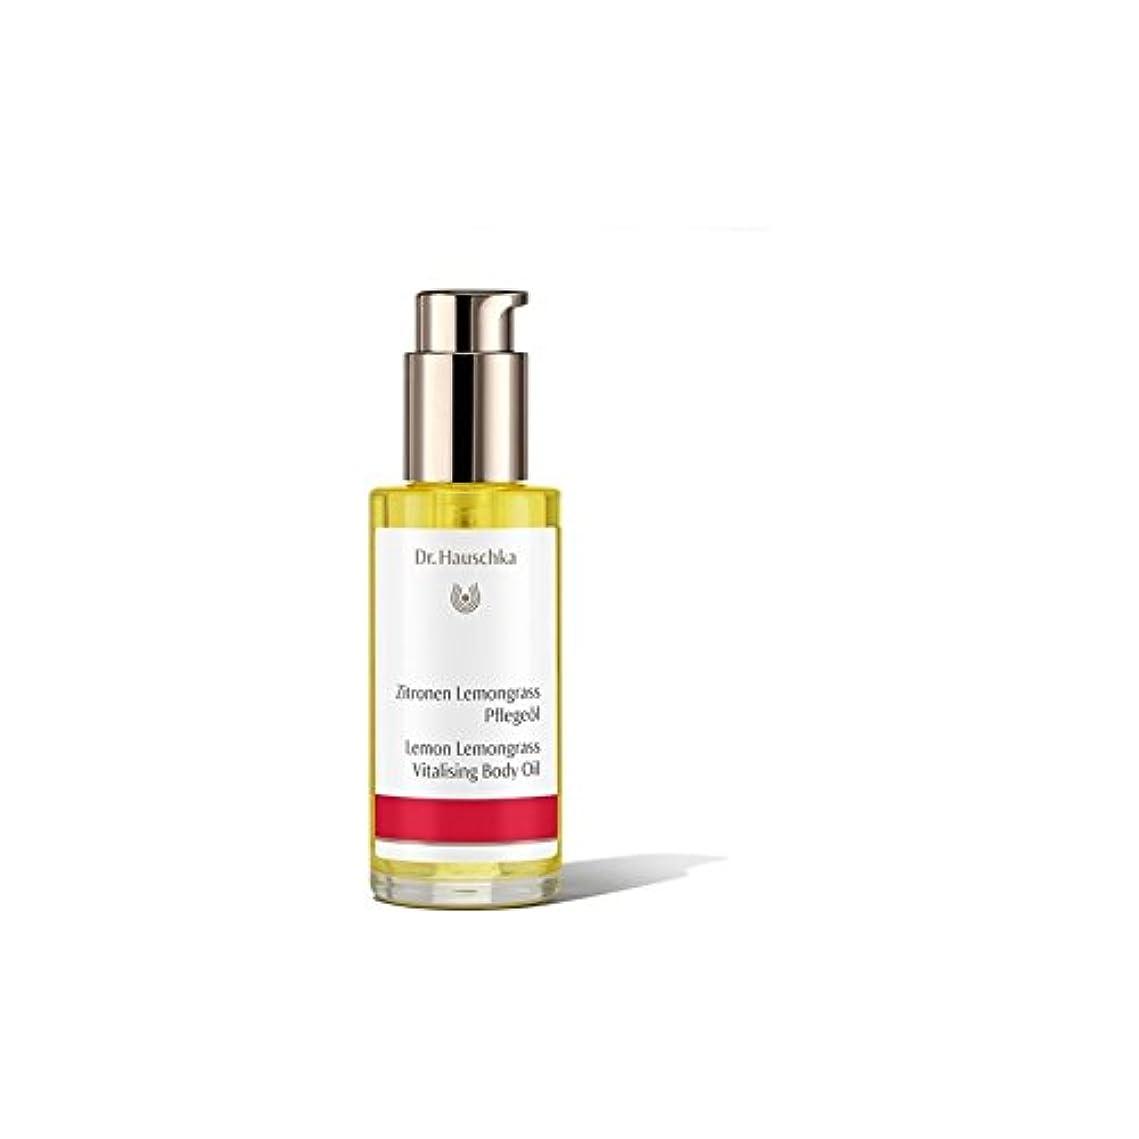 味わうラベル繁殖ハウシュカレモンレモングラスボディオイル(75ミリリットル) x2 - Dr. Hauschka Lemon Lemongrass Vitalising Body Oil (75ml) (Pack of 2) [並行輸入品]